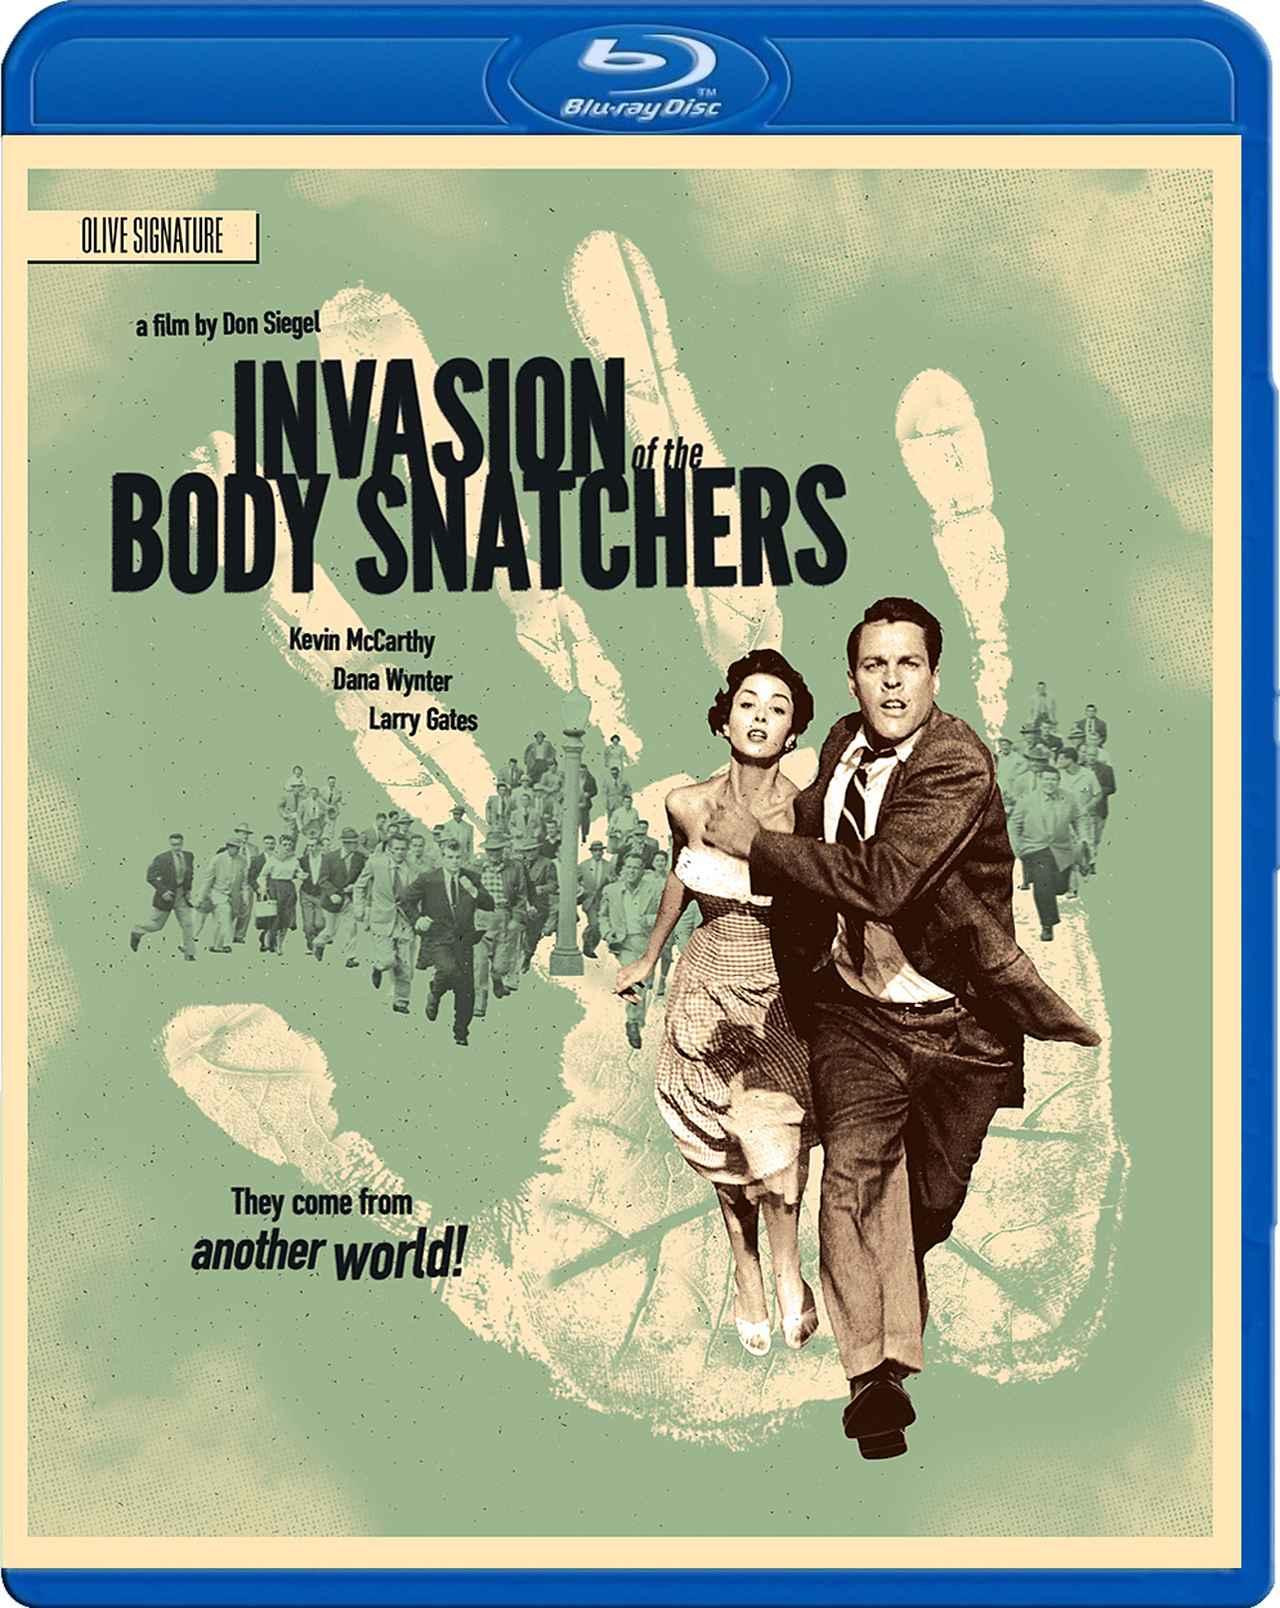 画像: 侵略SFの古典を映画化した名画クラシック『ボディ・スナッチャー/恐怖の街』【海外盤Blu-ray発売情報】